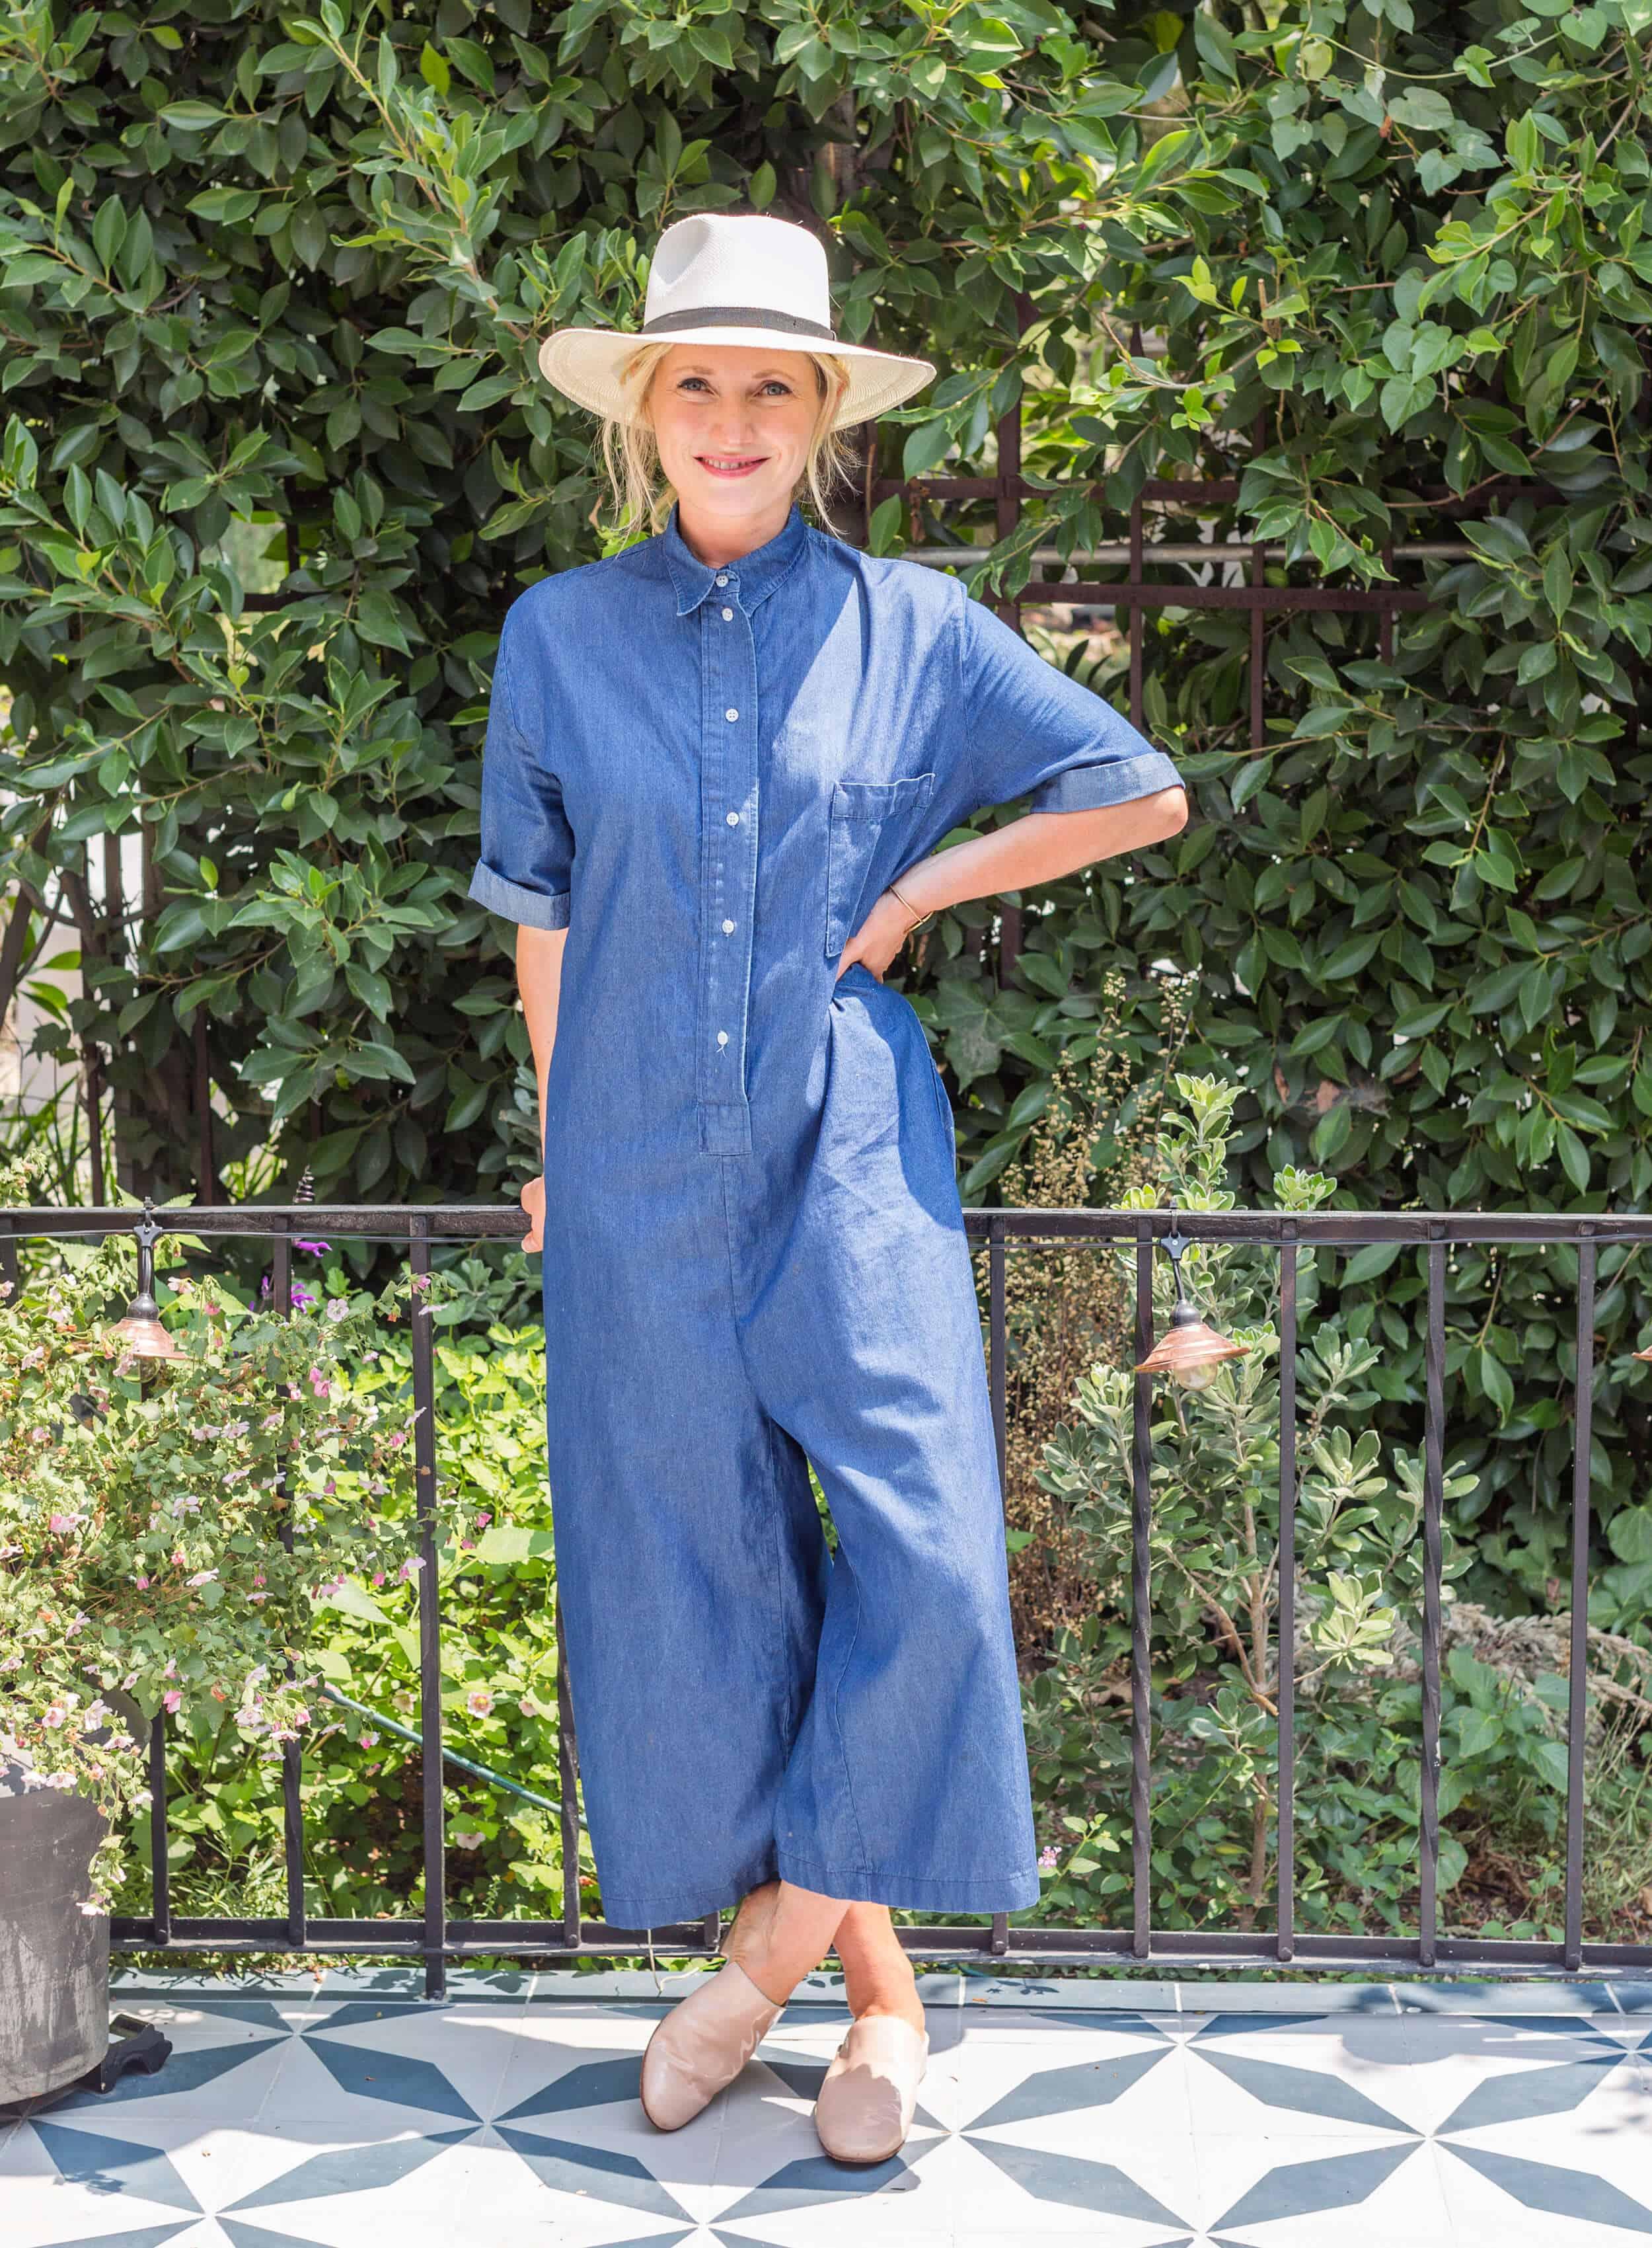 Emily-Henderson-Summer-Essentials-Fashion00025